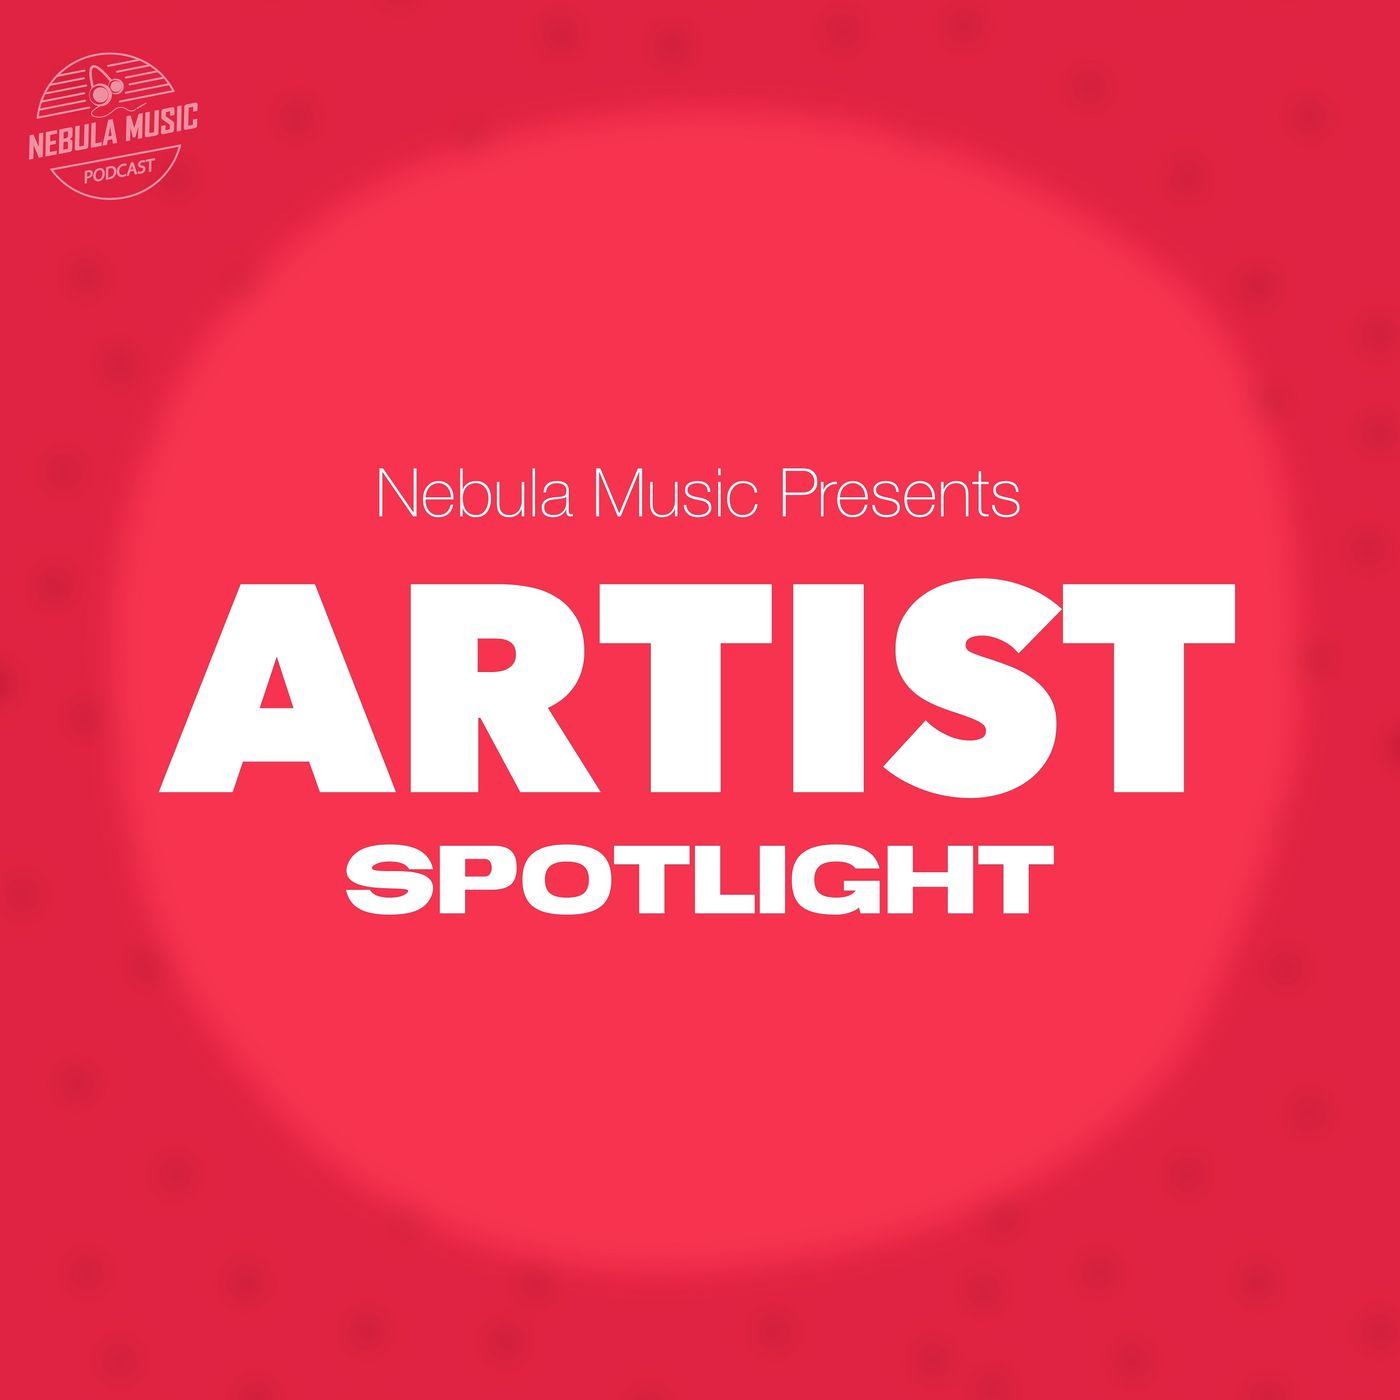 Artist Spotlight: October Edition pt 1